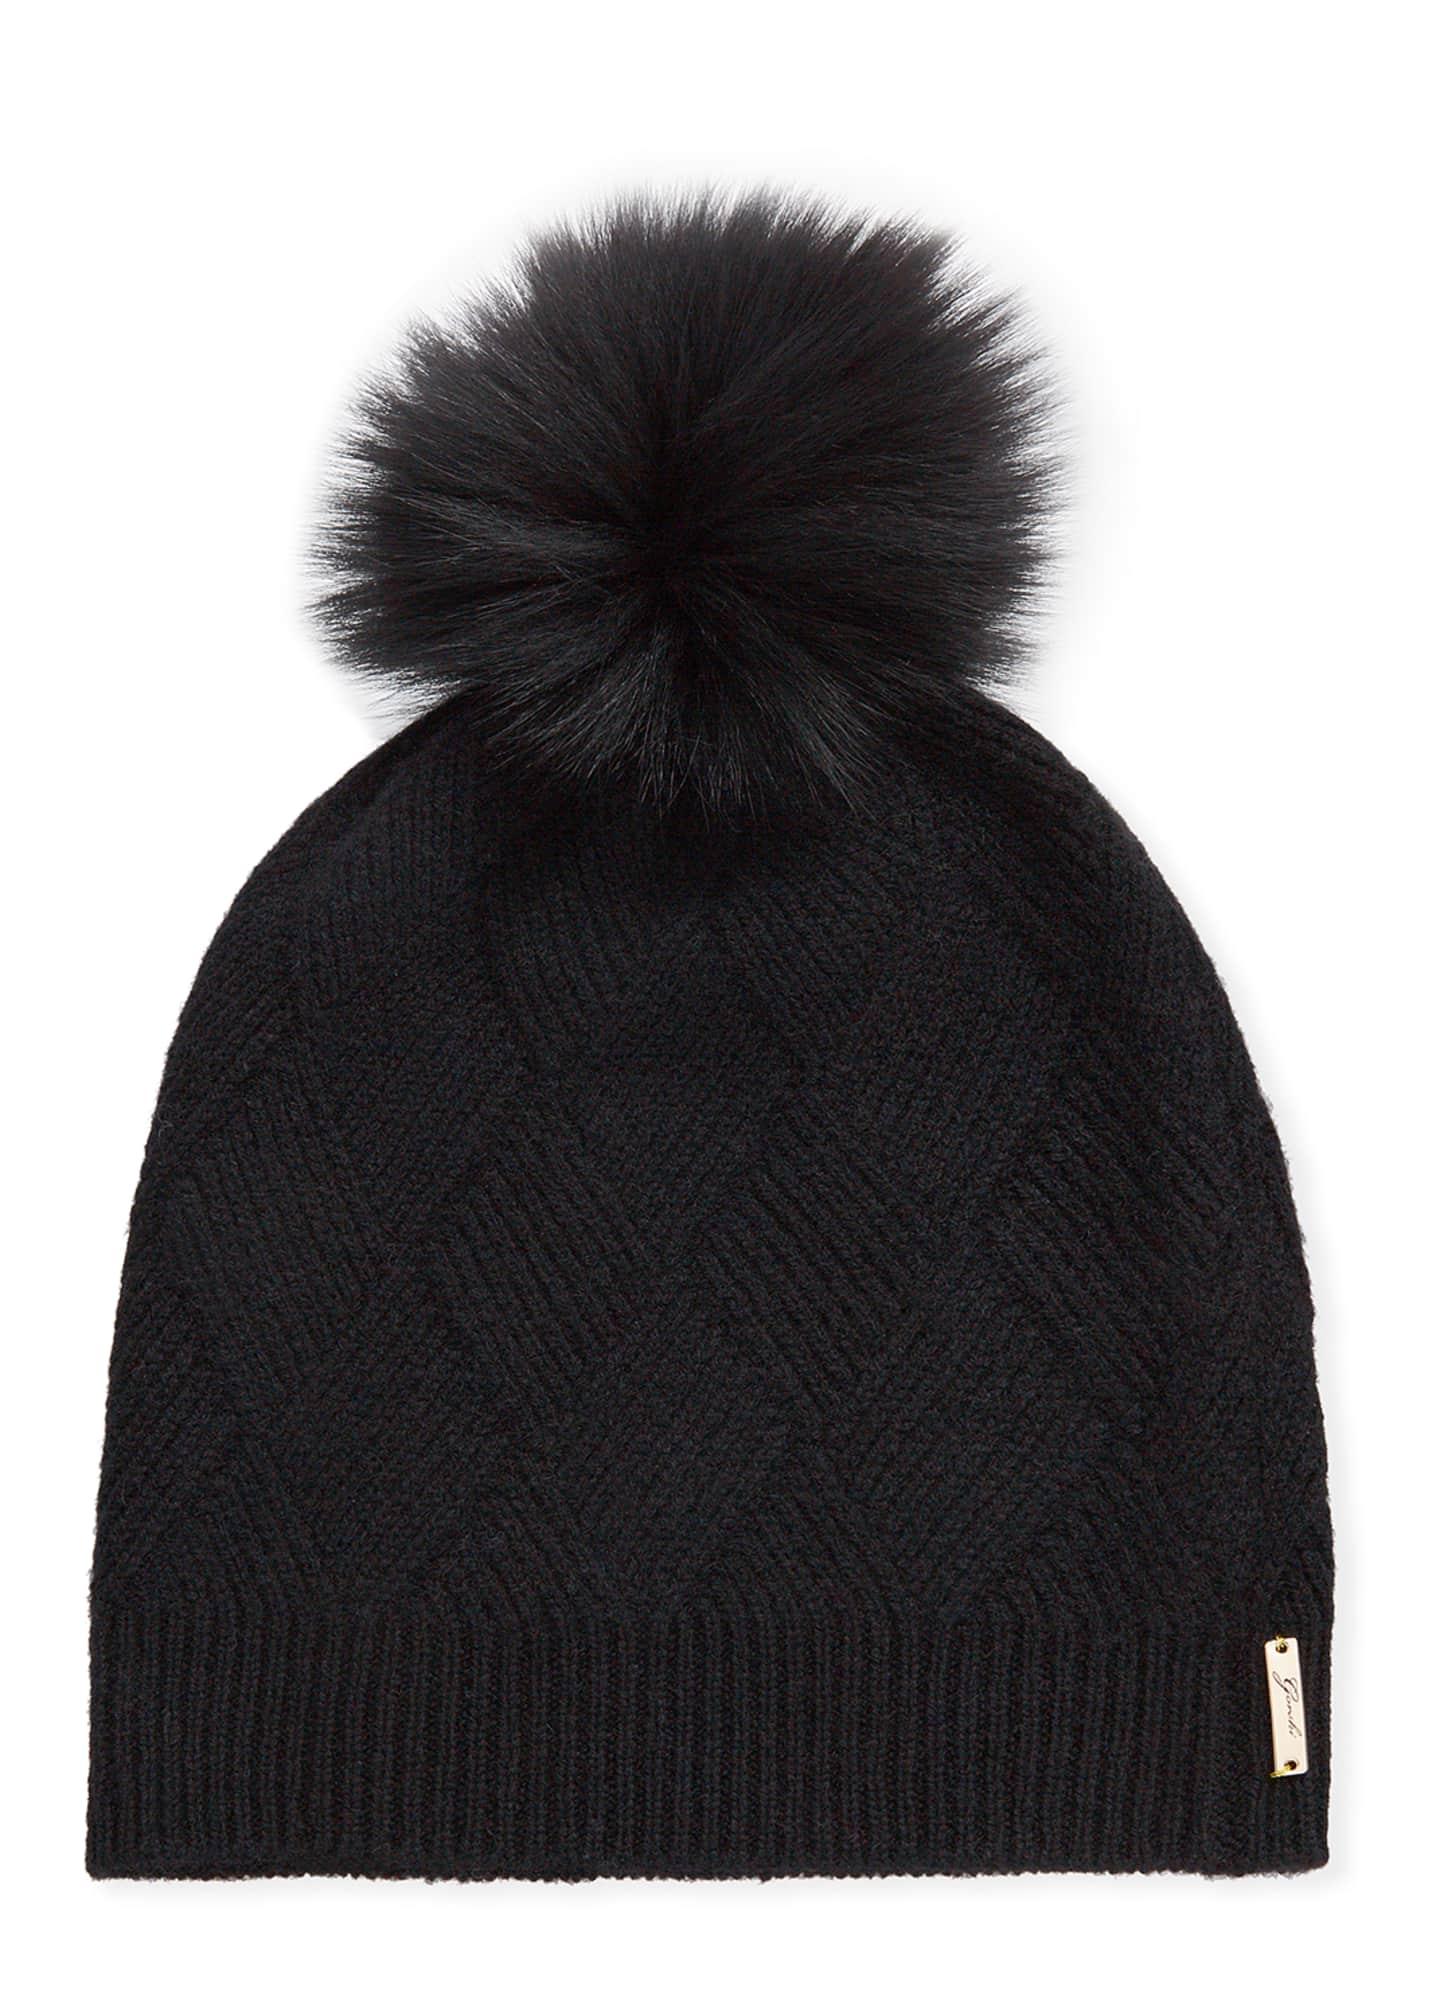 Gorski Diamond Knit Cashmere Beanie Hat w/ Fur